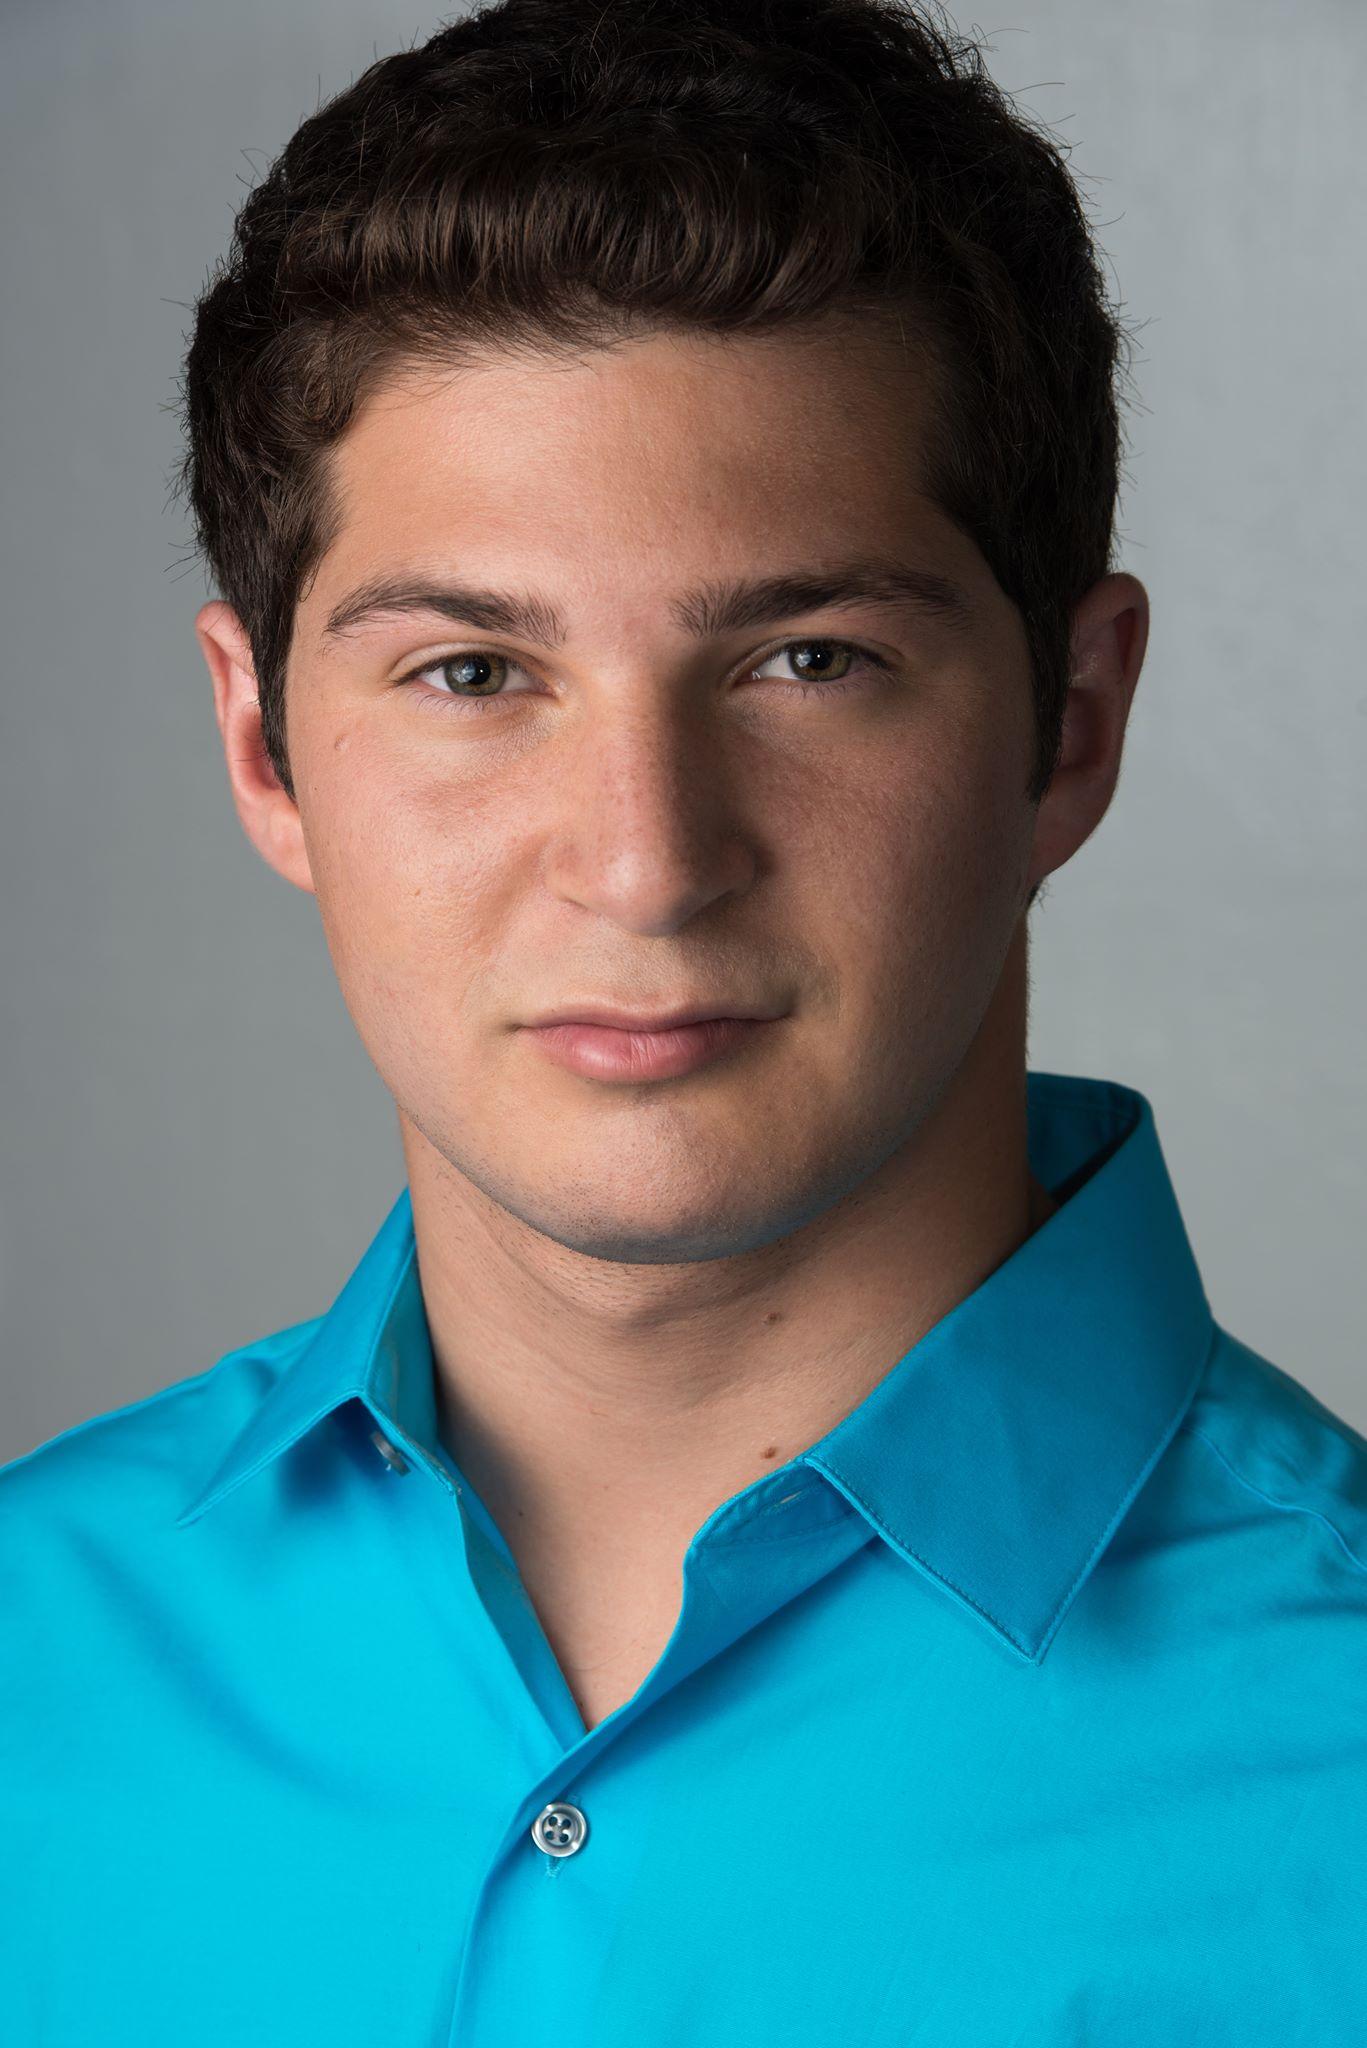 Alex Bretow